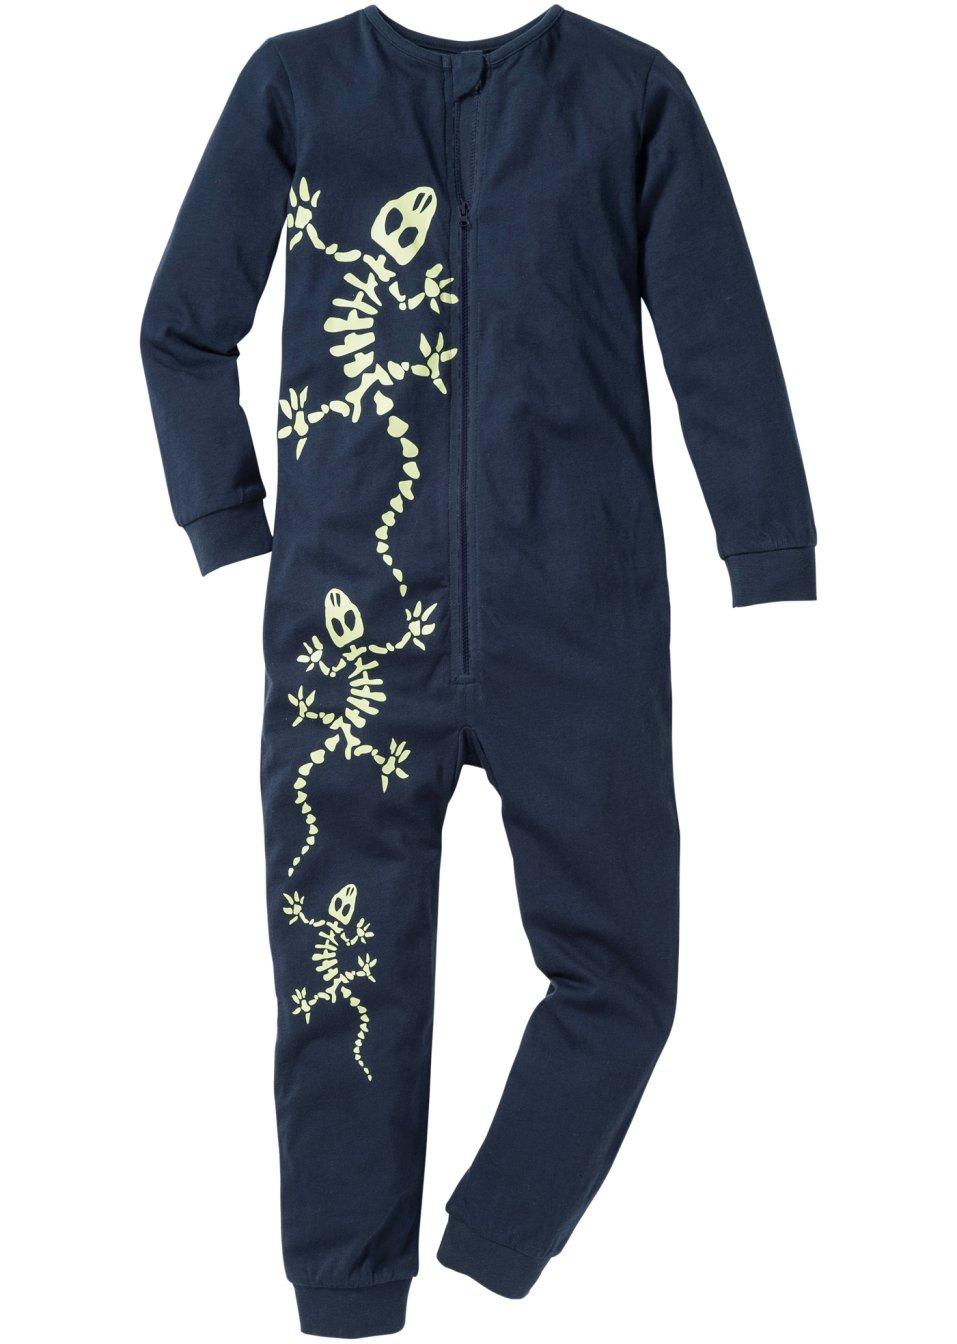 ab76dcf2b6 Schlafanzug für Jungen online kaufen bei bonprix